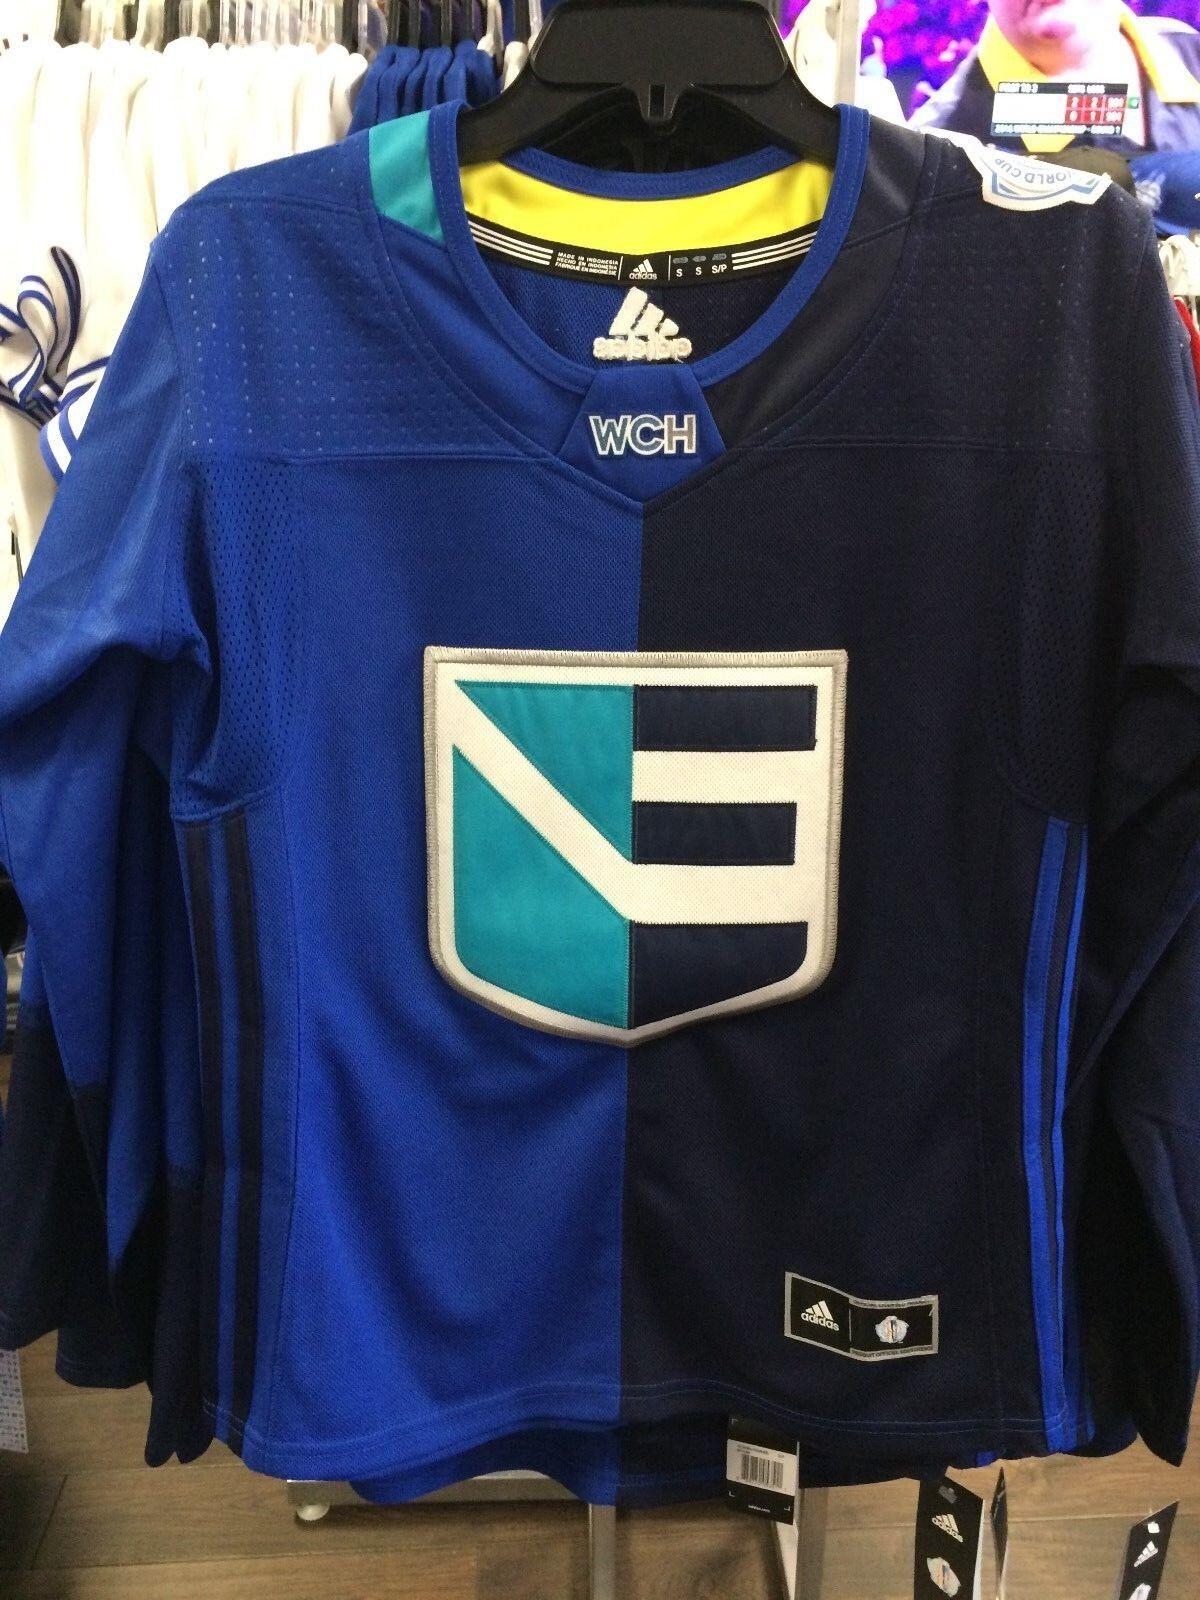 Équipe de la Coupe du Monde de Hockey sur Gazon Europe Adidas Jersey Réplique Replique Grand Dames Femmes